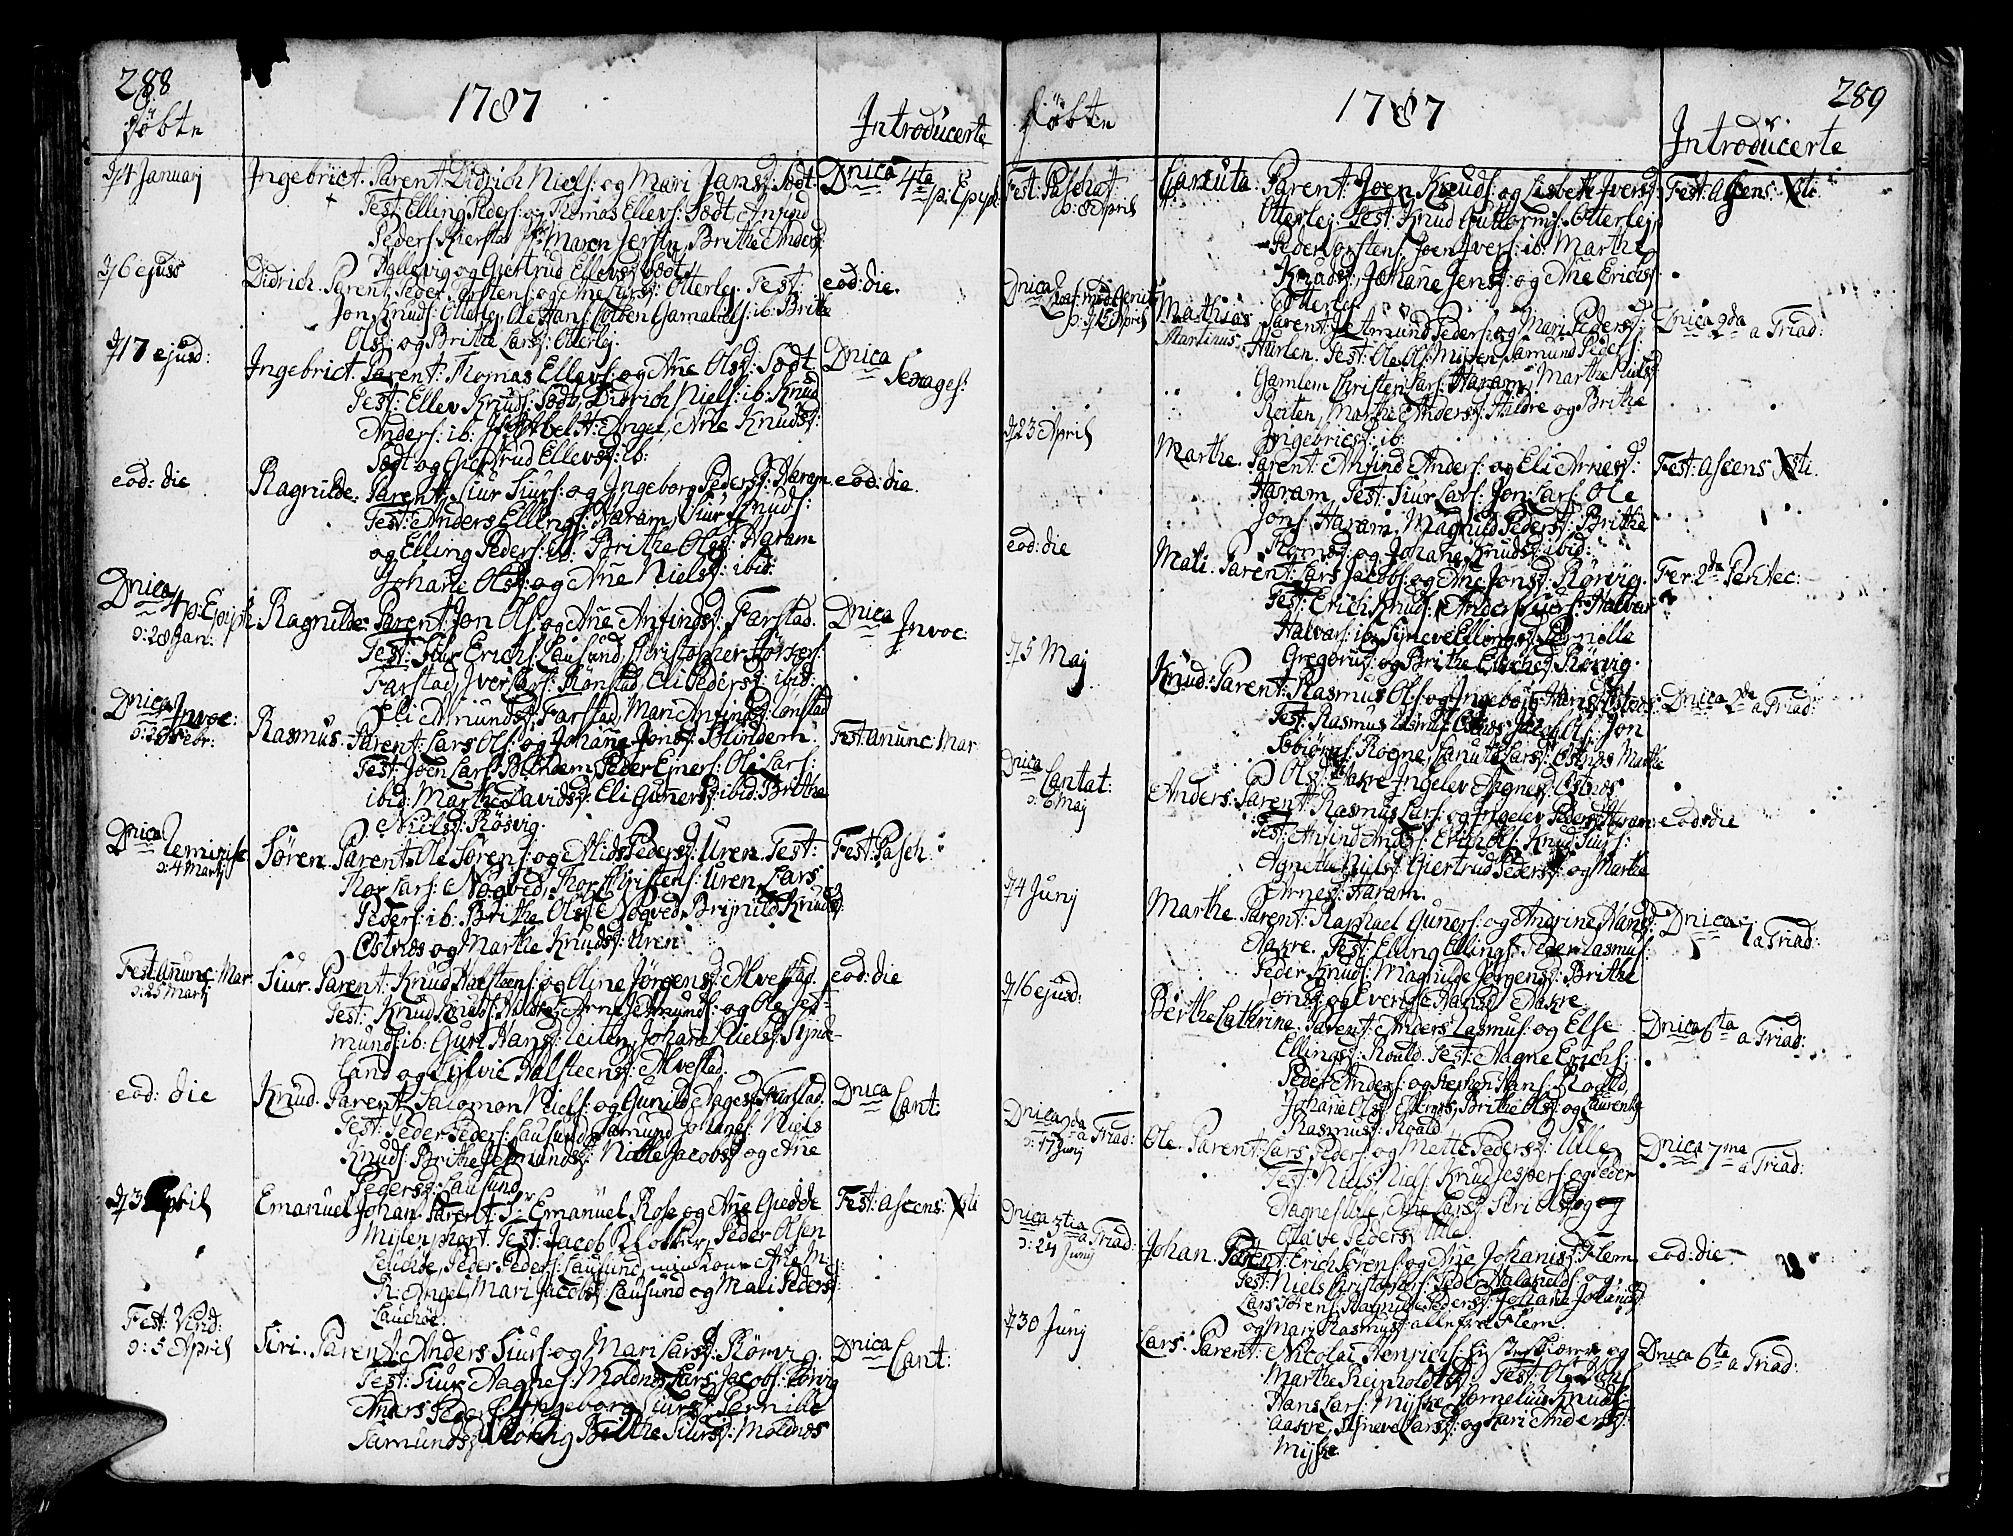 SAT, Ministerialprotokoller, klokkerbøker og fødselsregistre - Møre og Romsdal, 536/L0493: Ministerialbok nr. 536A02, 1739-1802, s. 288-289